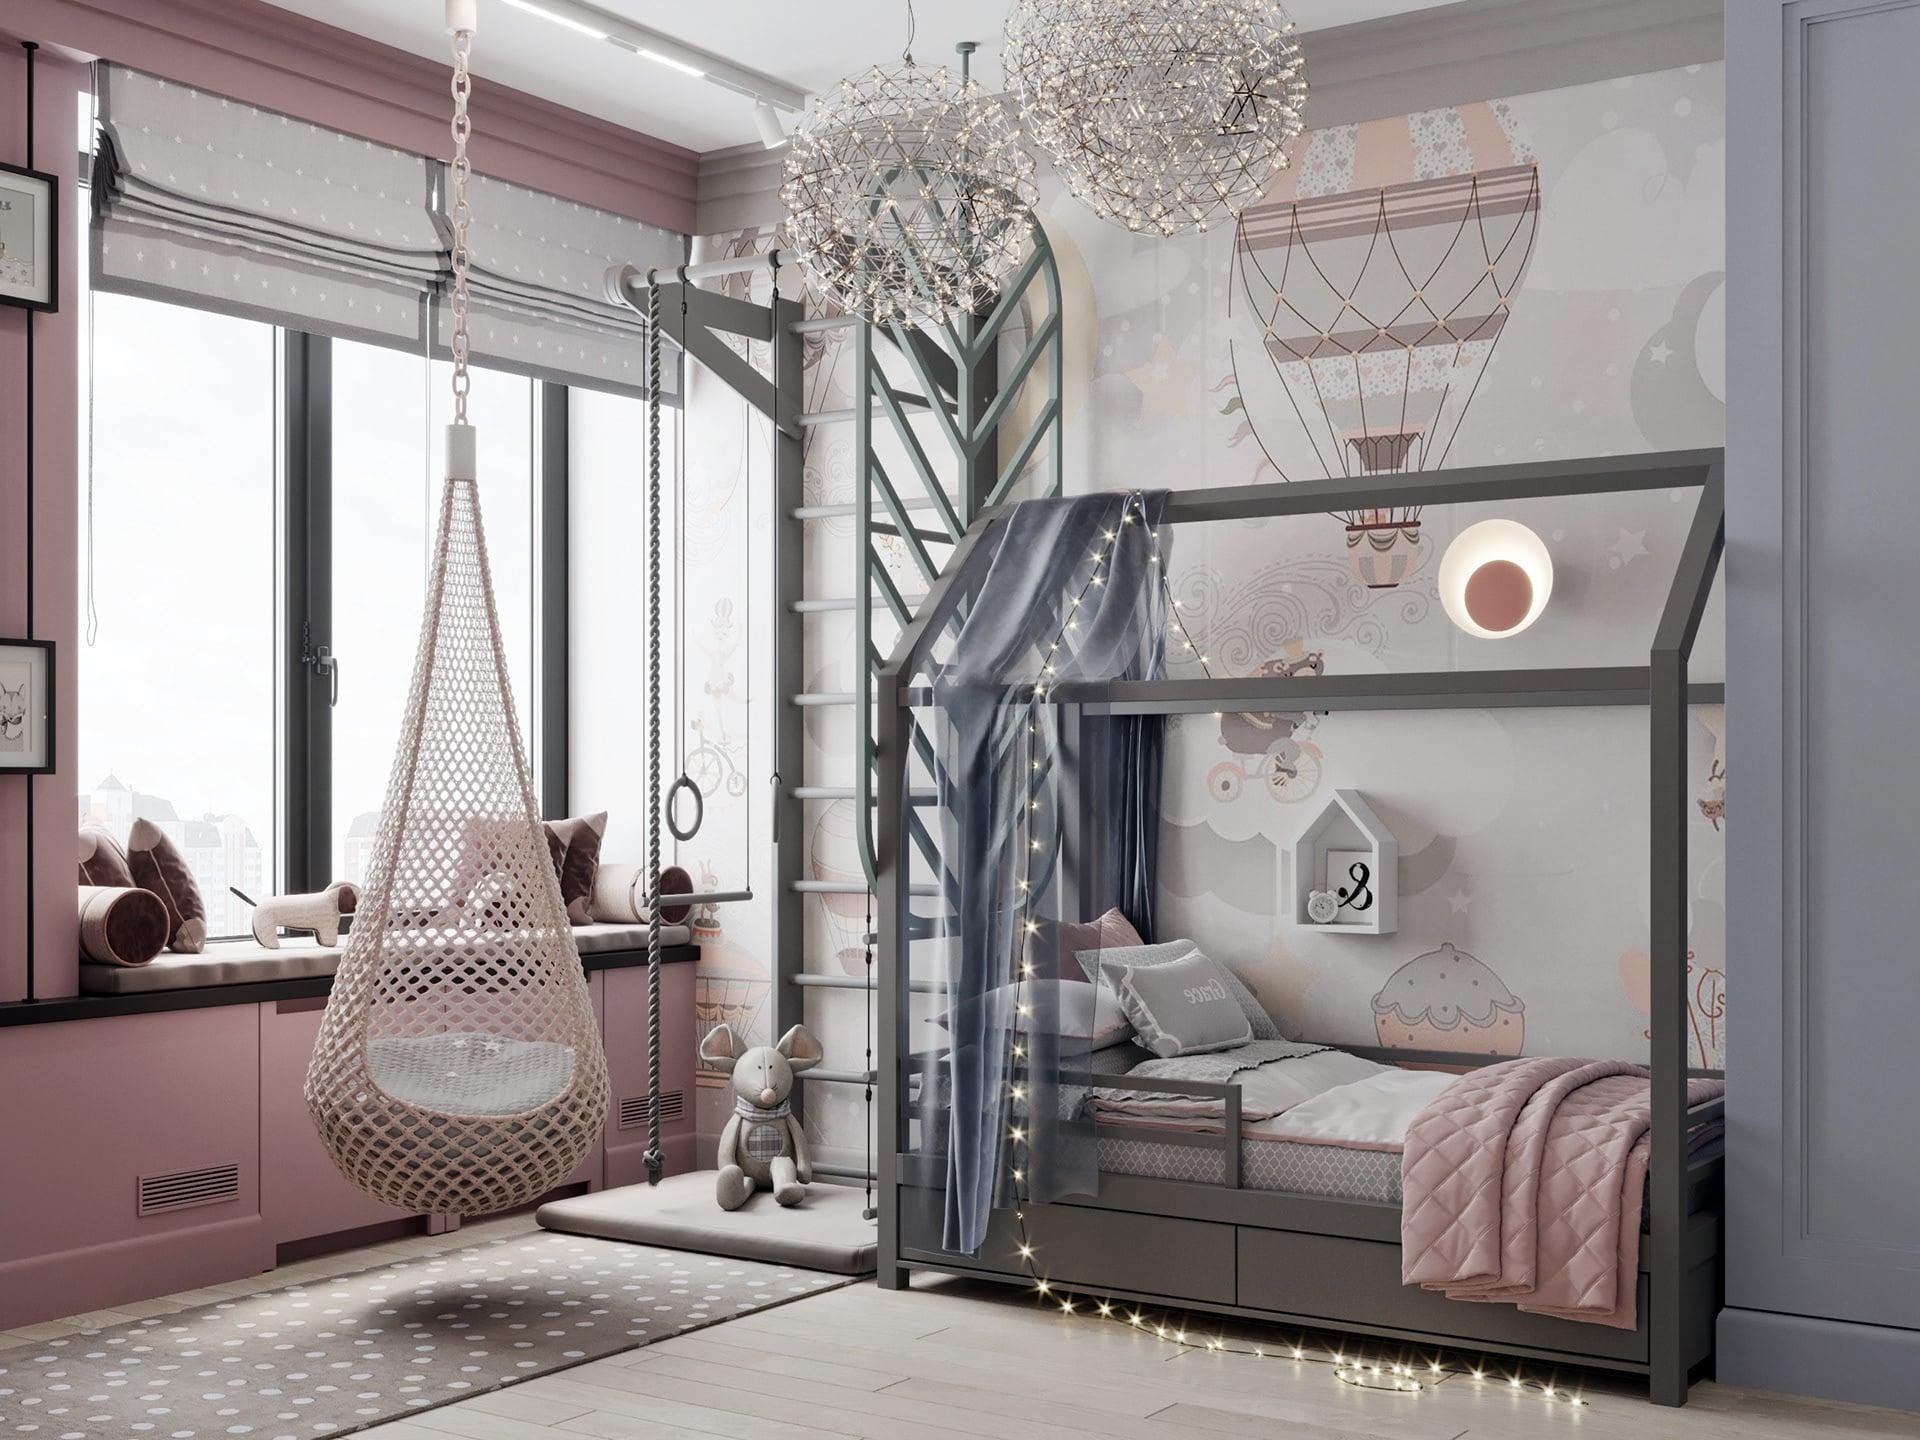 chambre de bébé fille photo 9